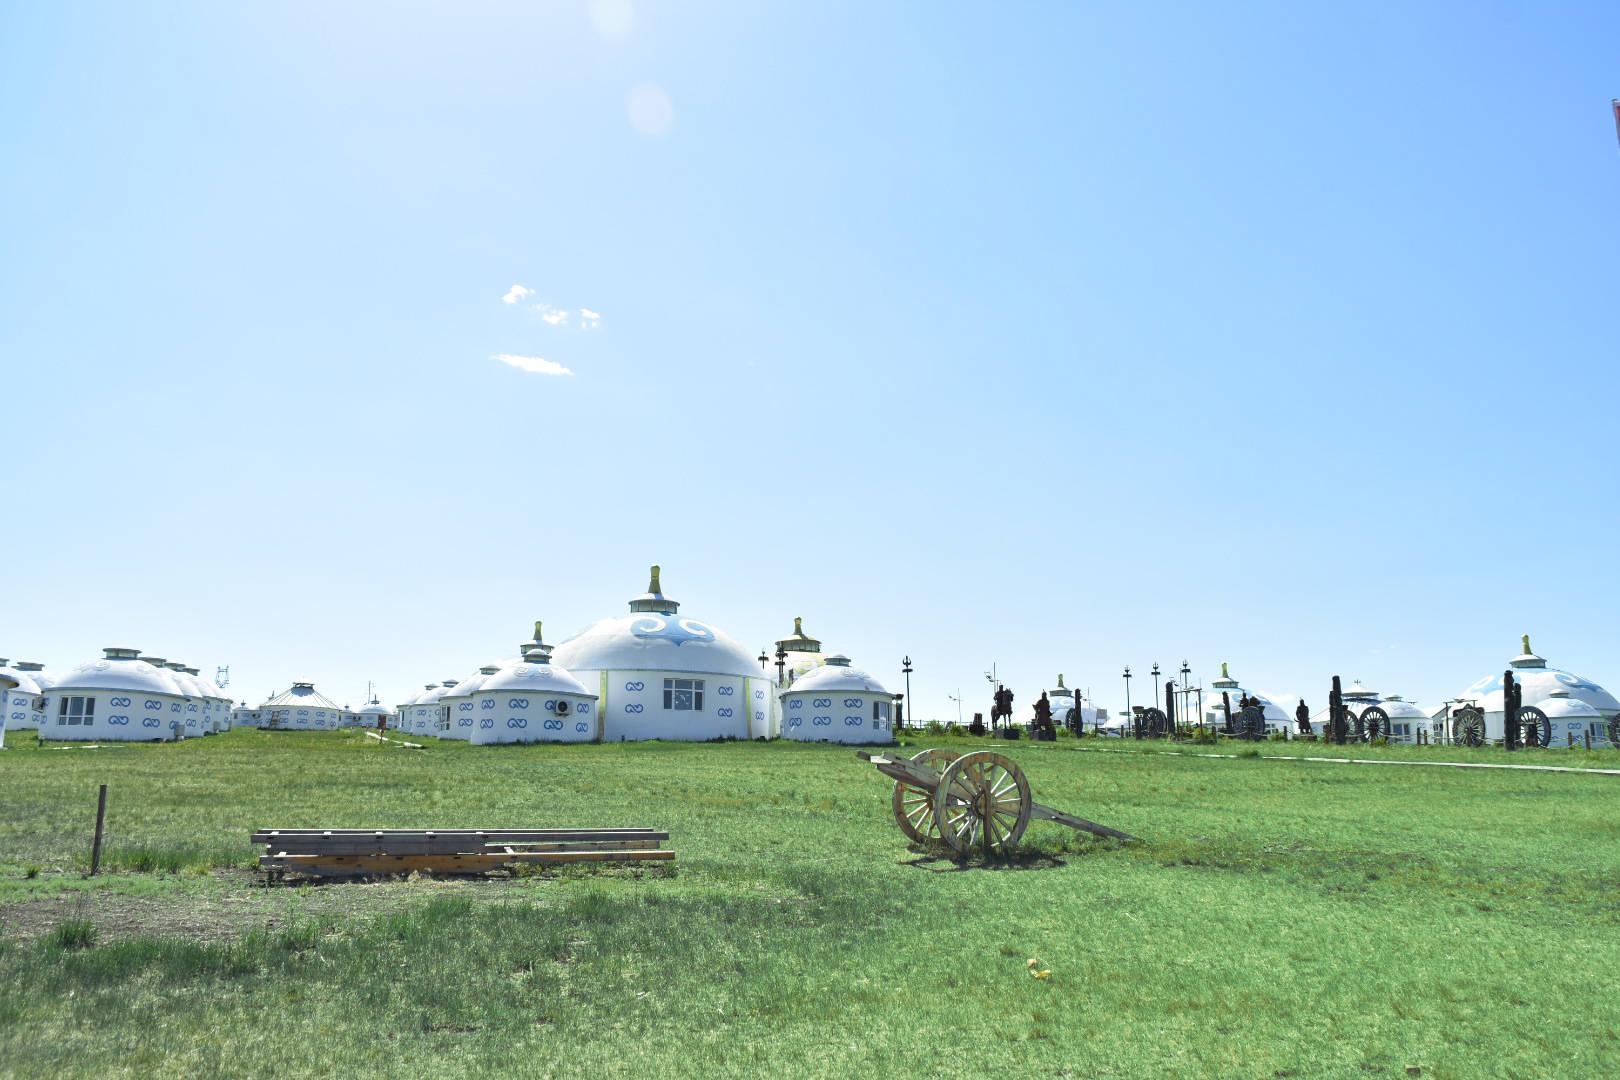 原创             夏季到呼伦贝尔大草原旅行有哪些注意事项呢?